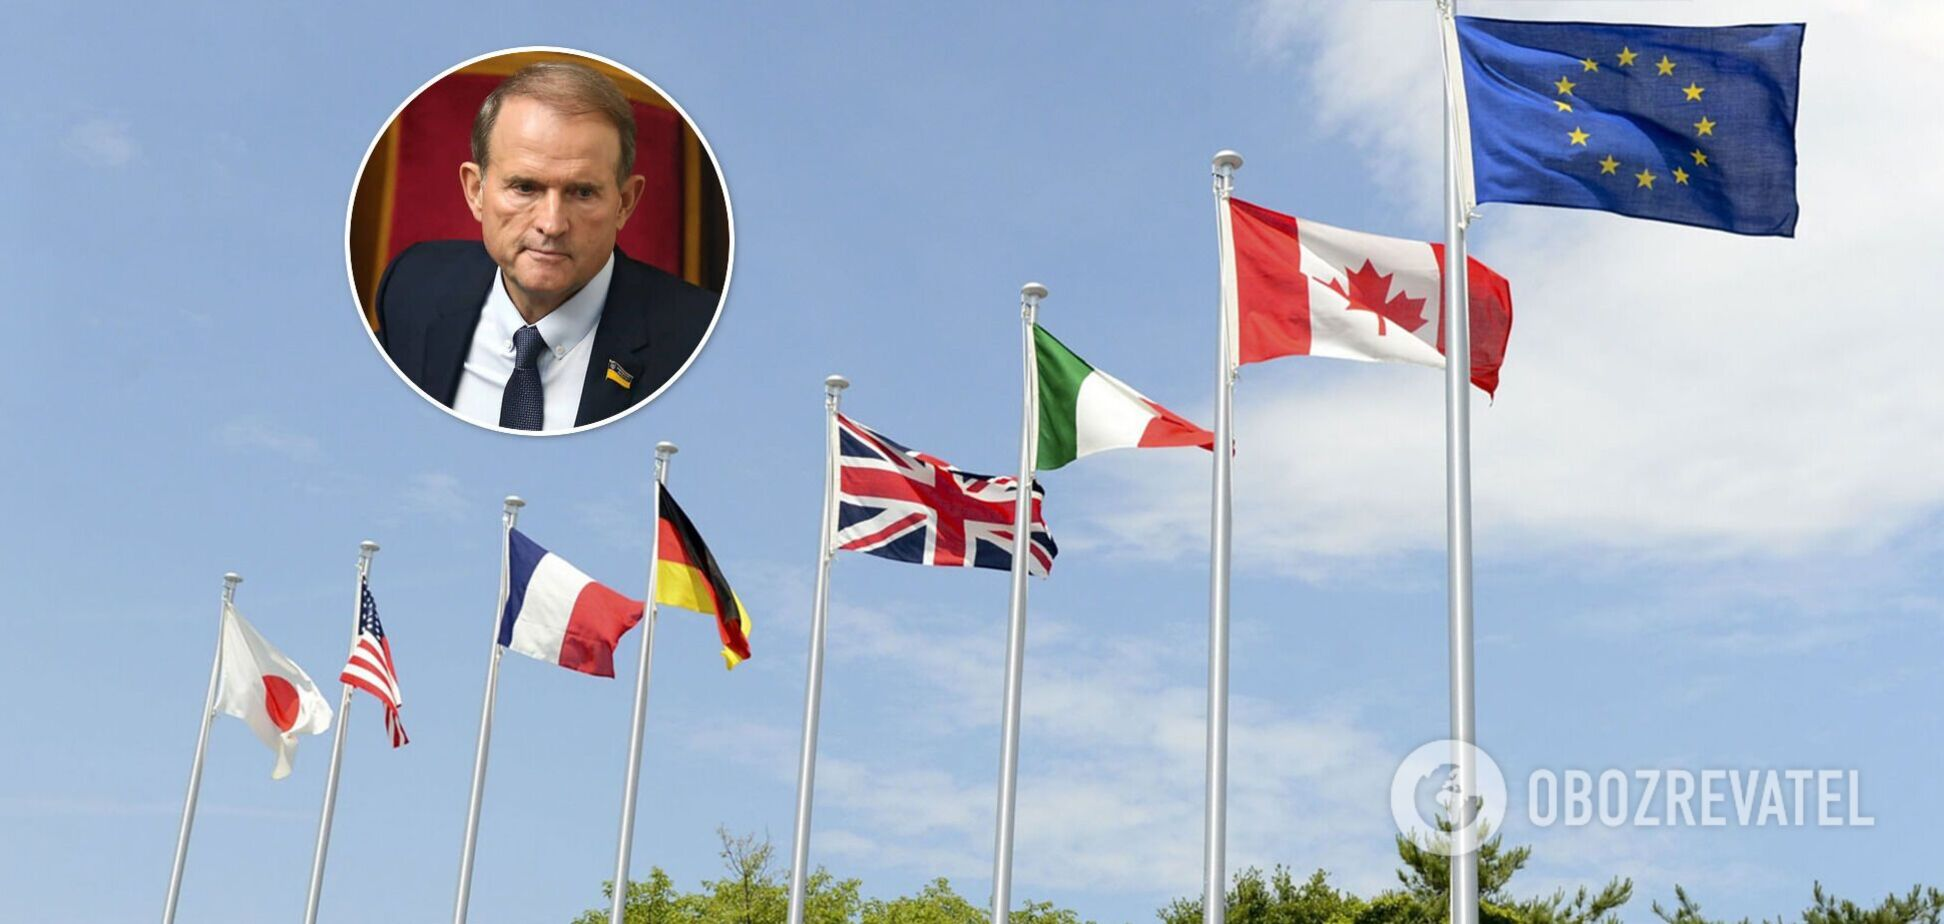 Реакція G7 на санкції проти каналів Медведчука